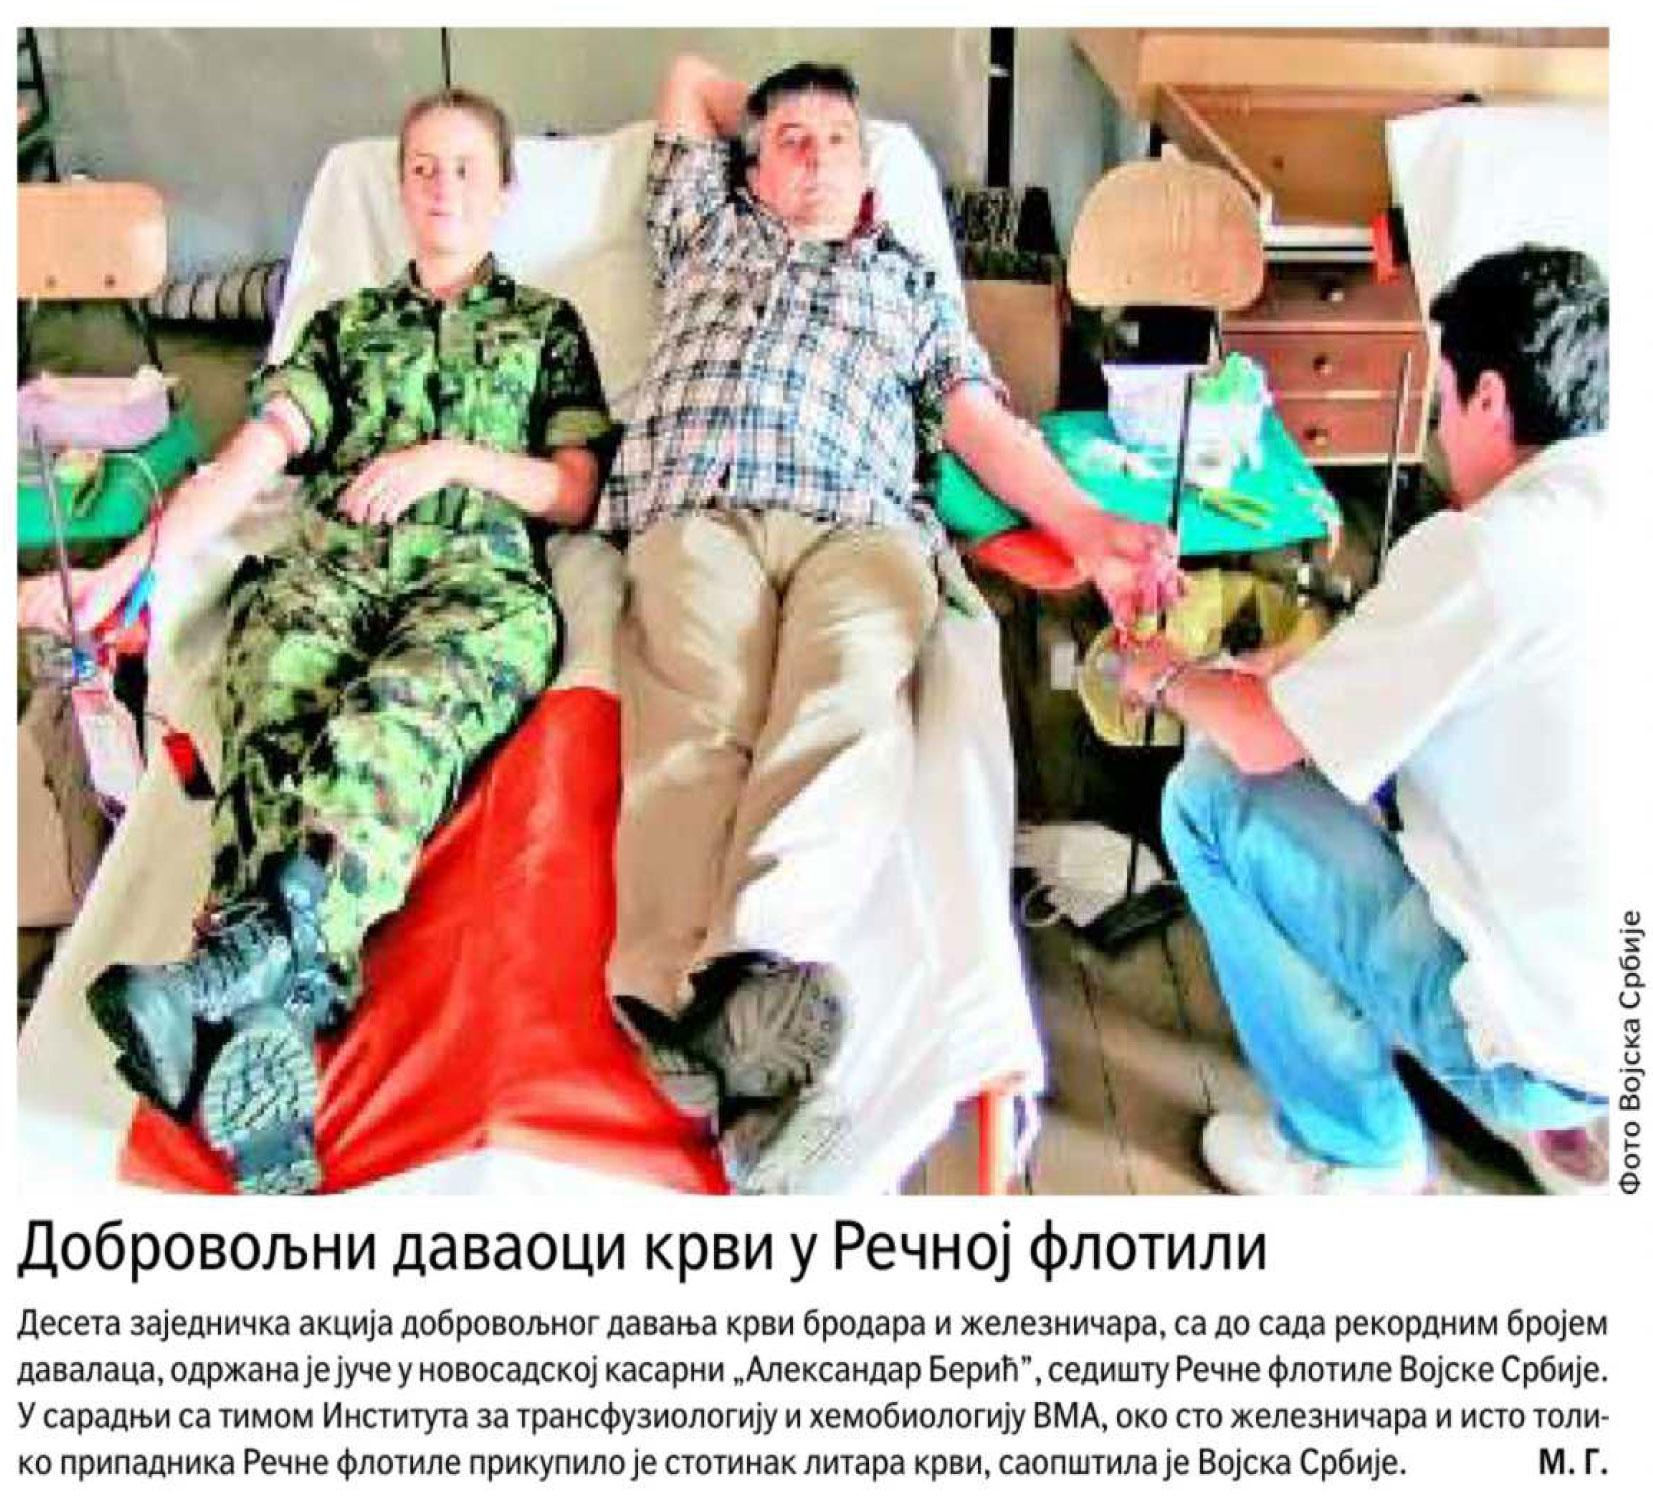 Dobrovoljni davaoci krvi u Rečnoj flotili